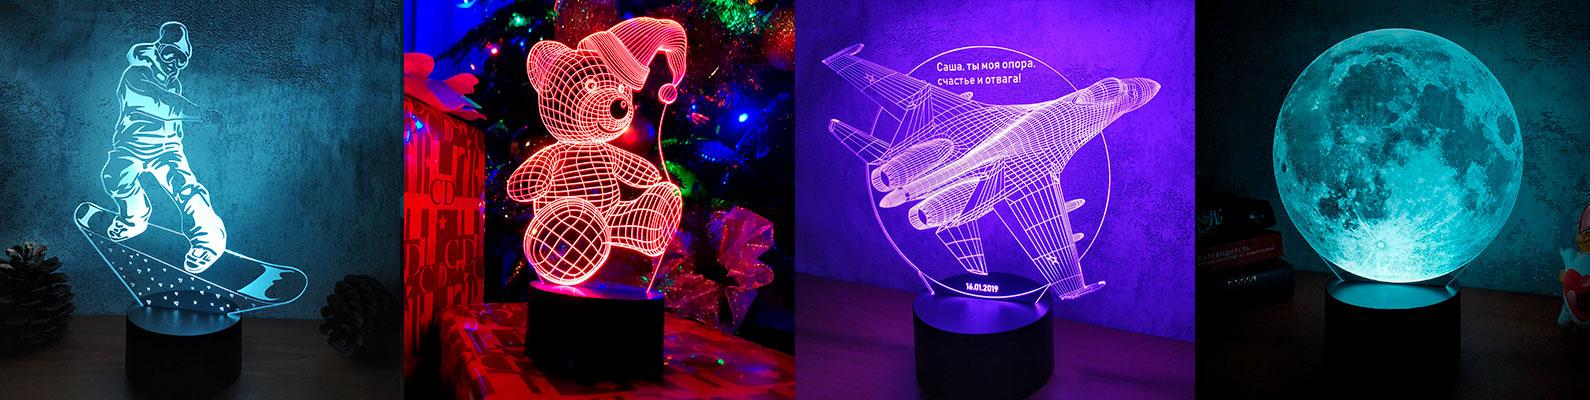 Art-Lamps: Графические ночники и Светильники 3D